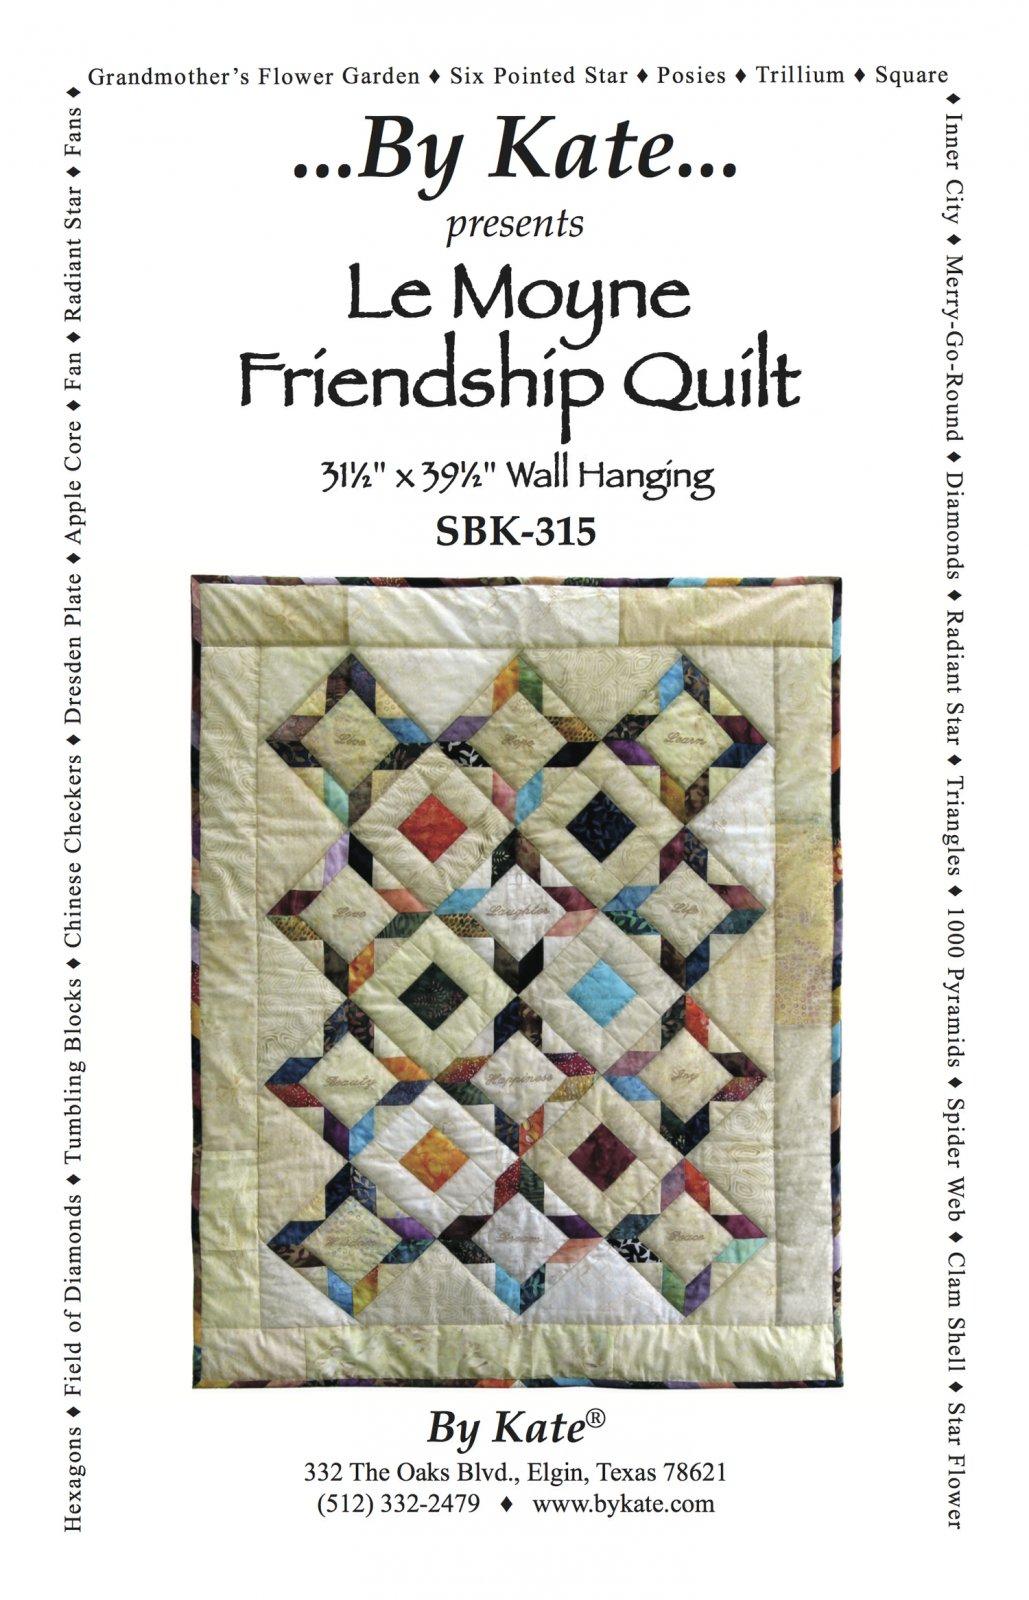 LeMoyne Friendship Quilt